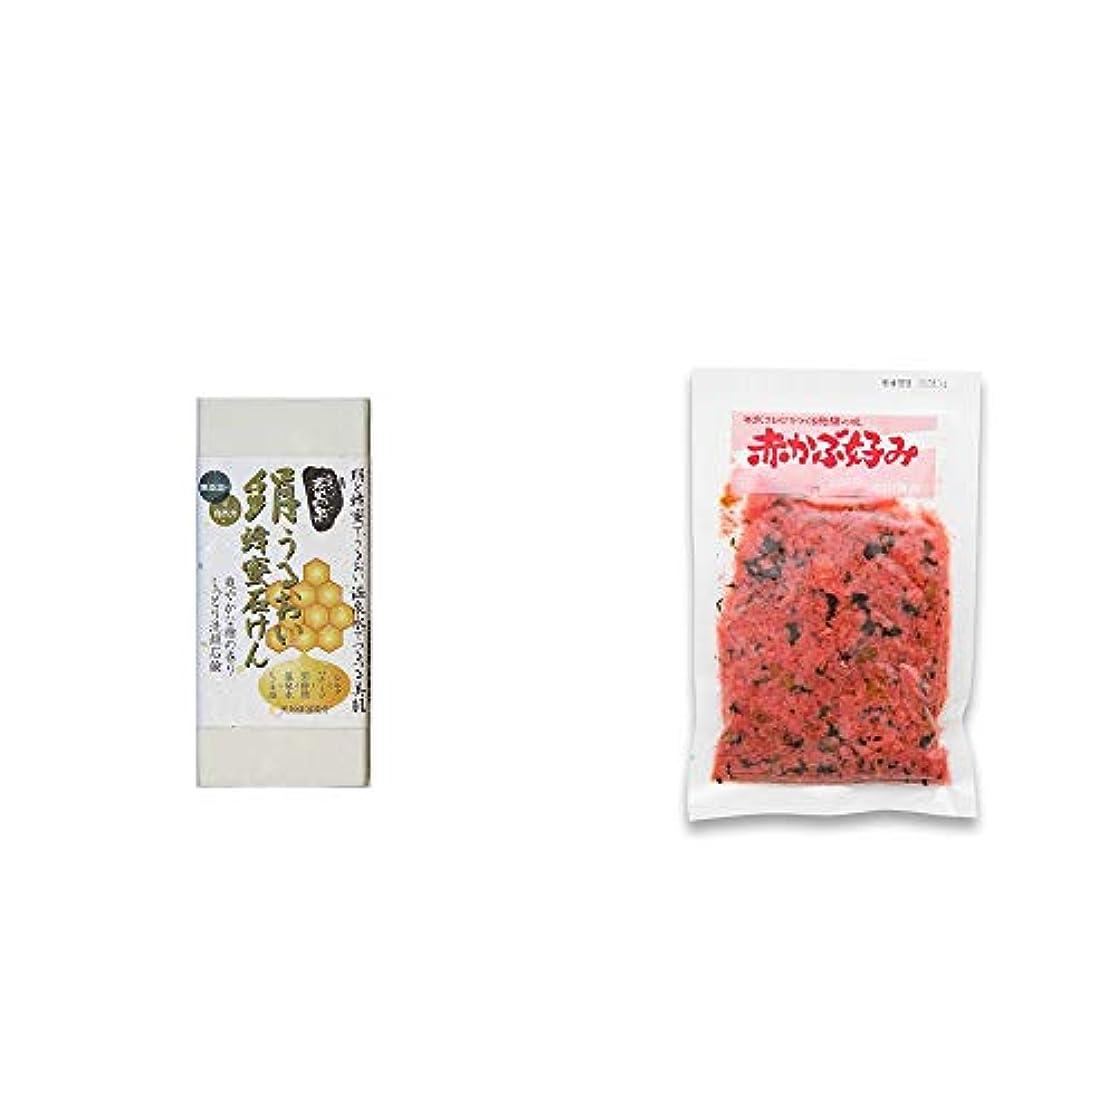 スタイル満足インストール[2点セット] ひのき炭黒泉 絹うるおい蜂蜜石けん(75g×2)?赤かぶ好み(150g)